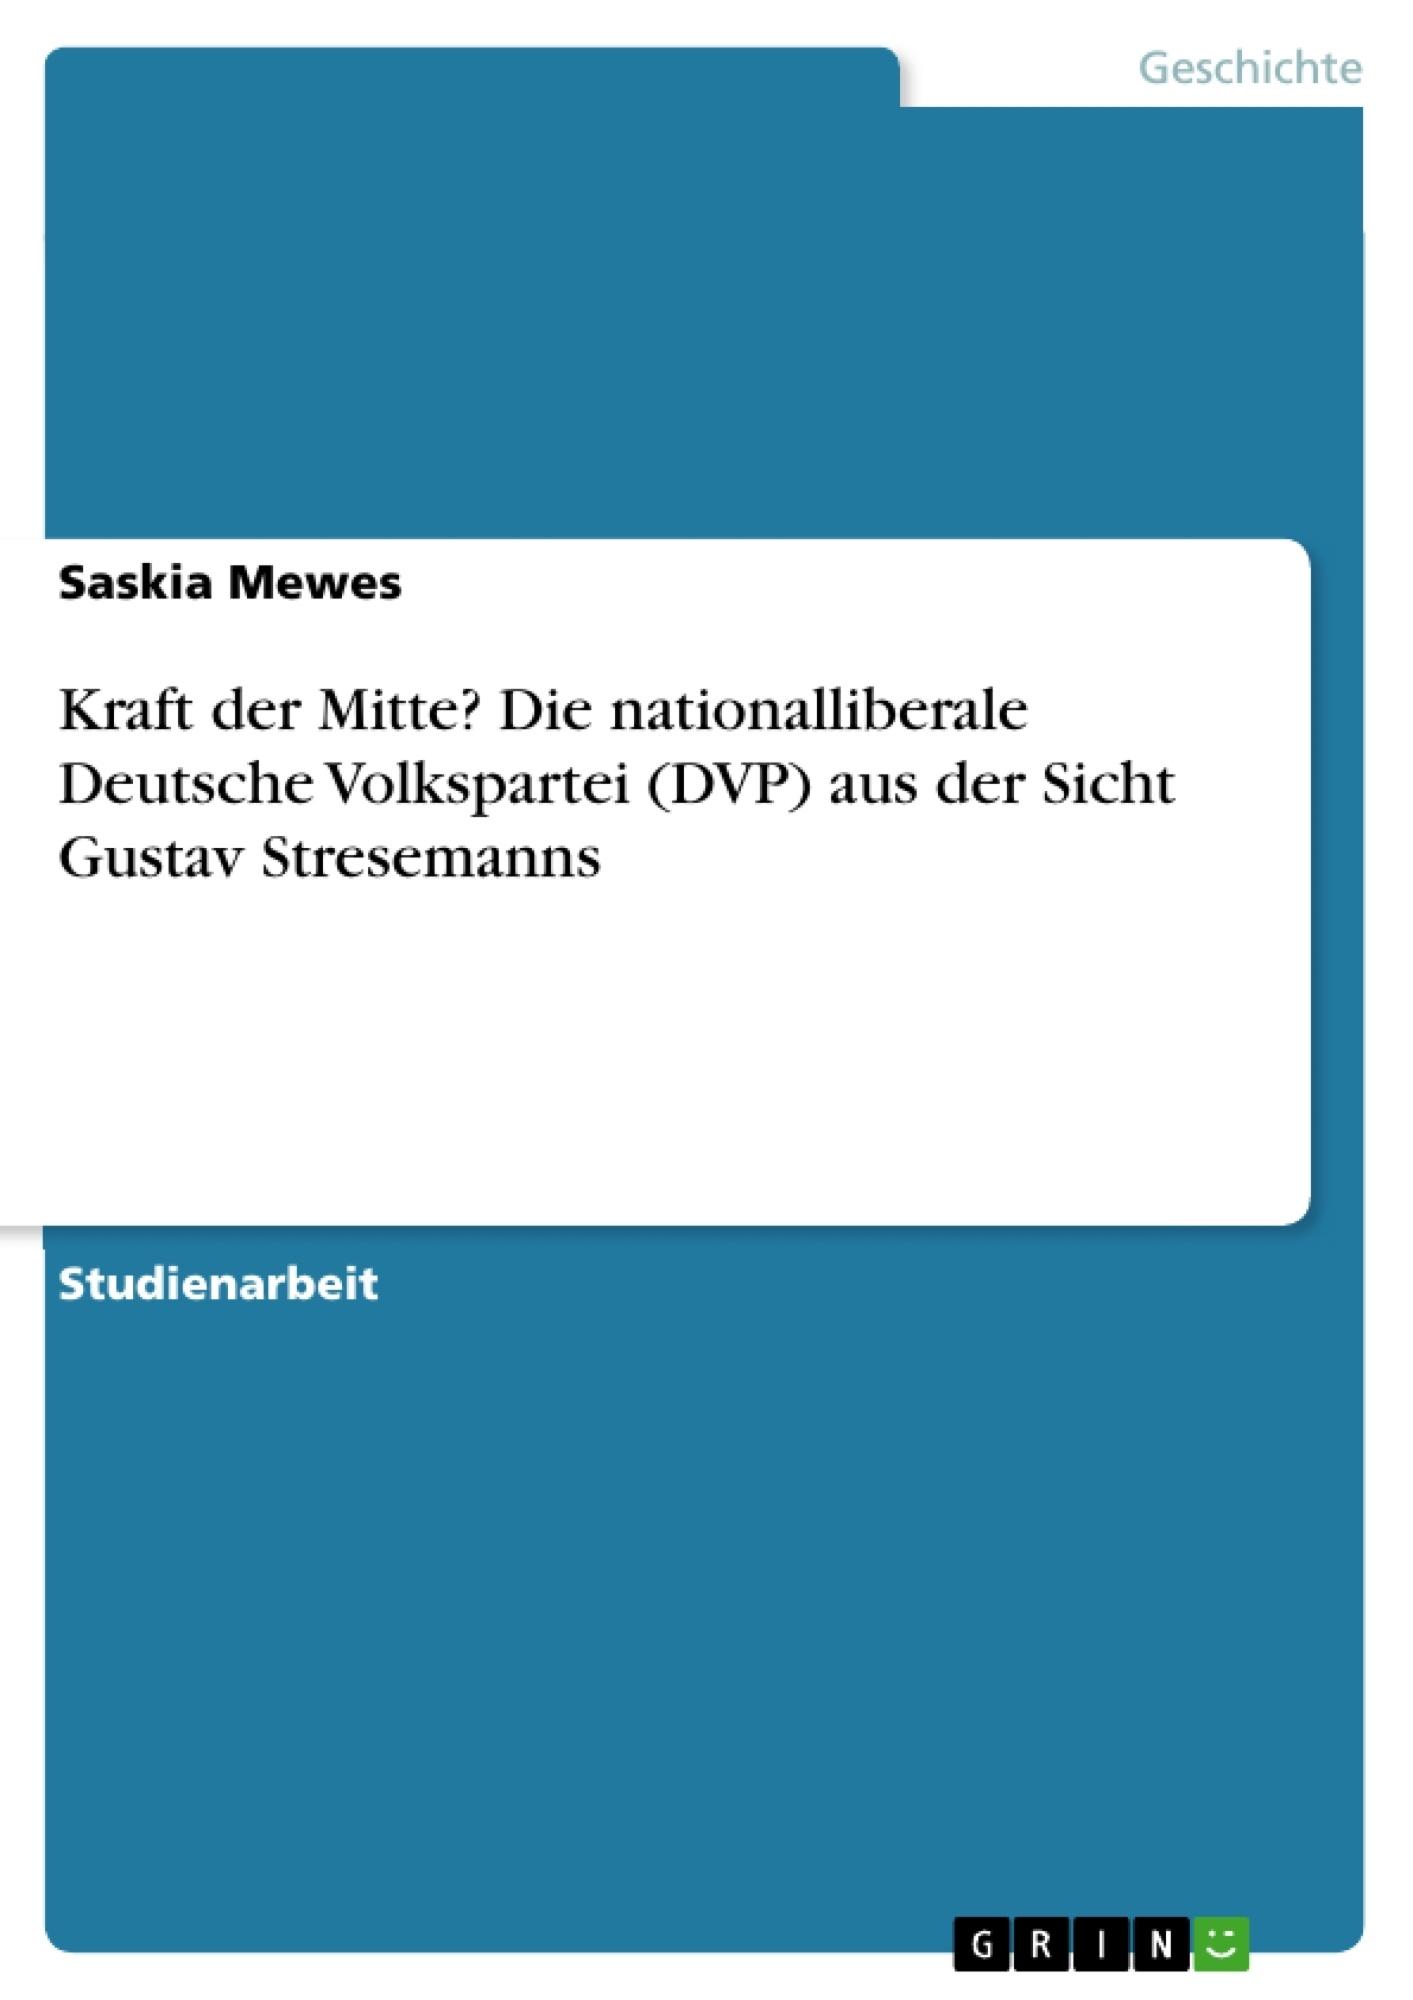 Titel: Kraft der Mitte? Die nationalliberale Deutsche Volkspartei (DVP) aus der Sicht Gustav Stresemanns